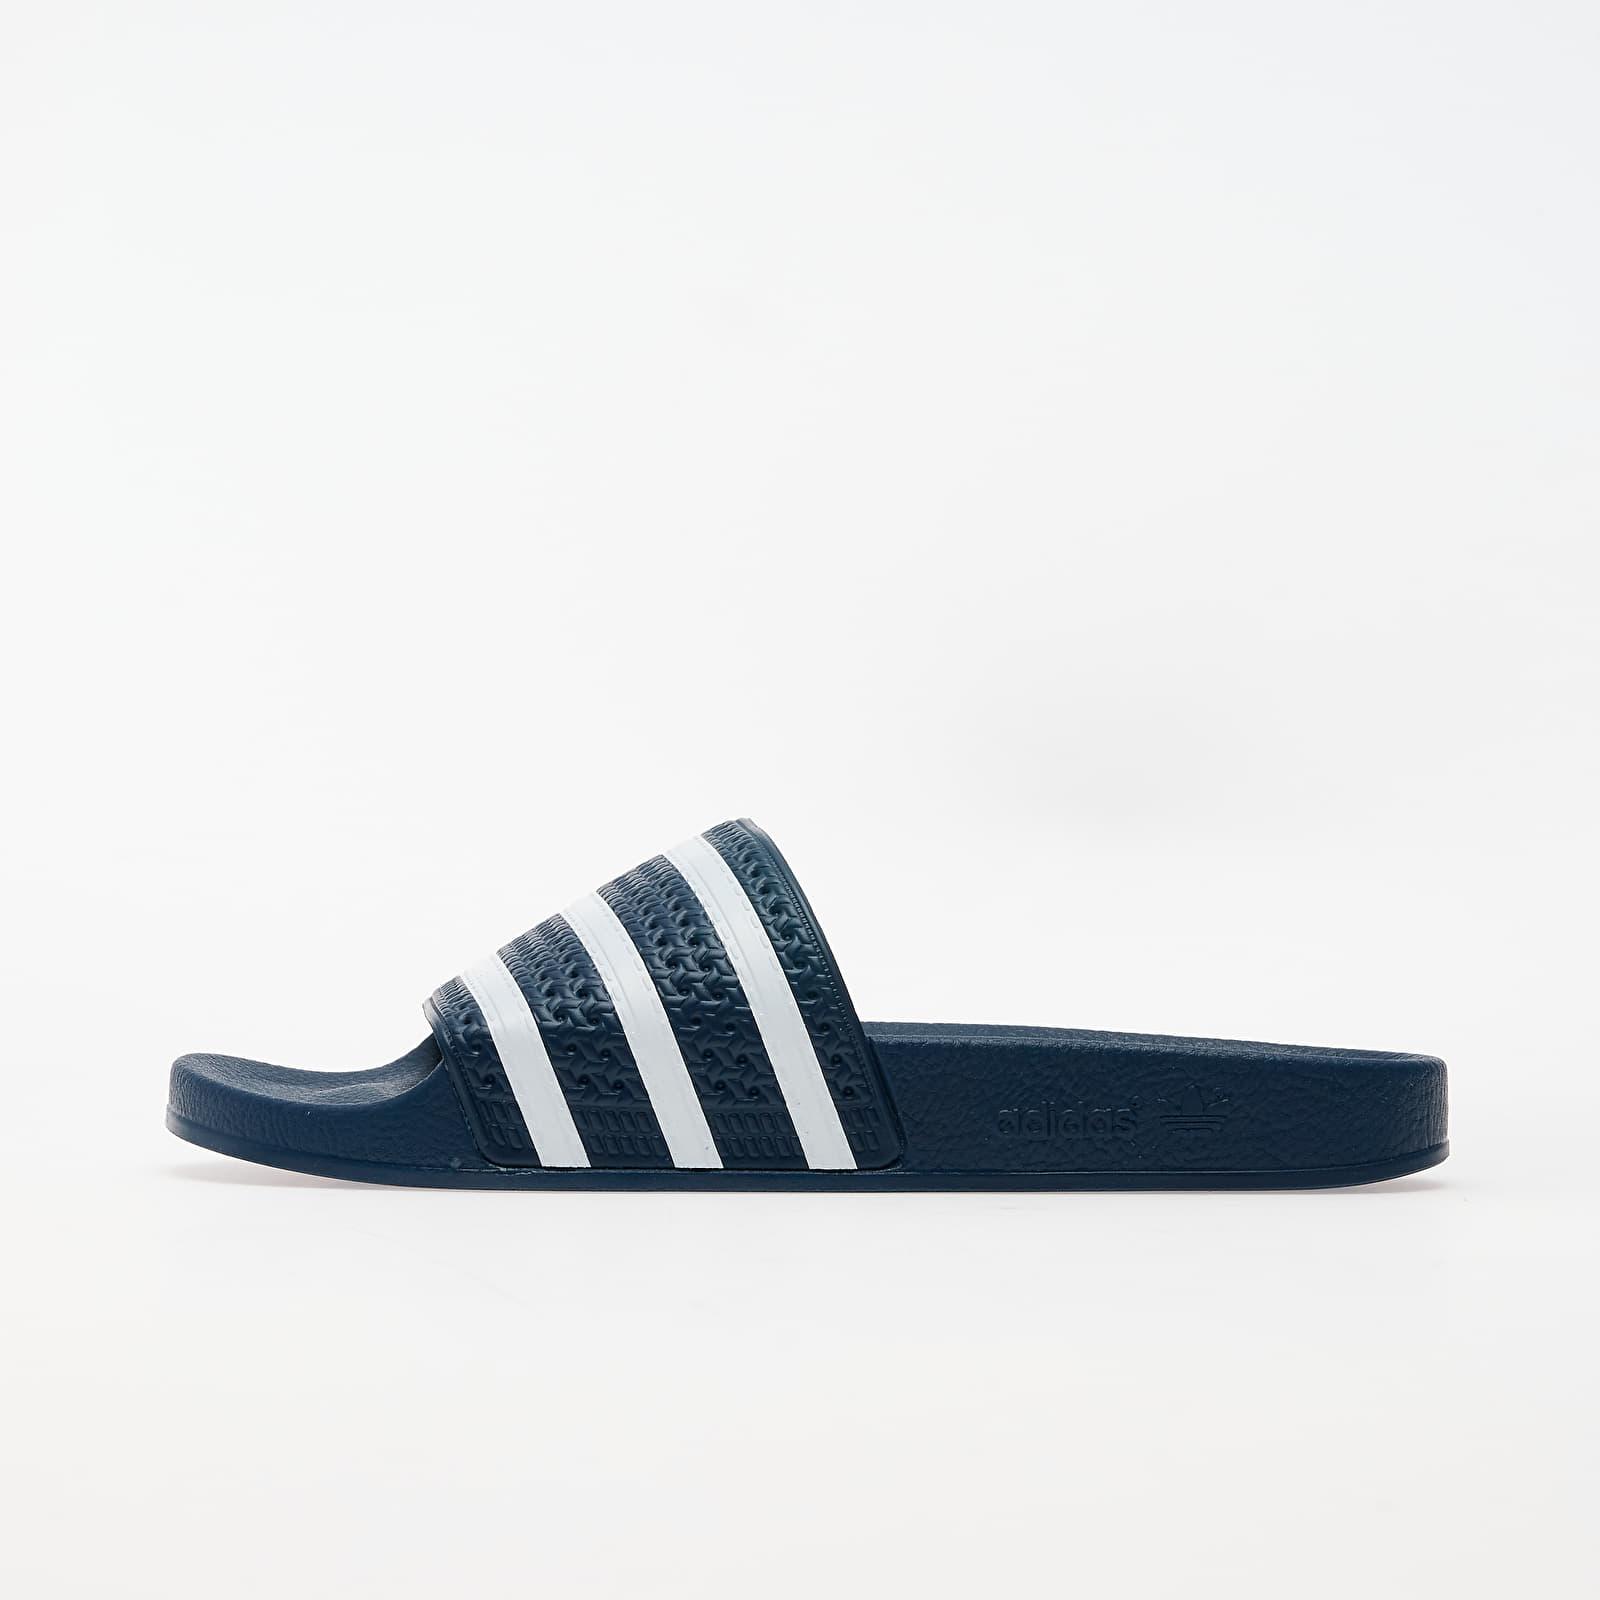 Zapatillas Hombre adidas Adilette Adi Blue/ White/ Adi Blue